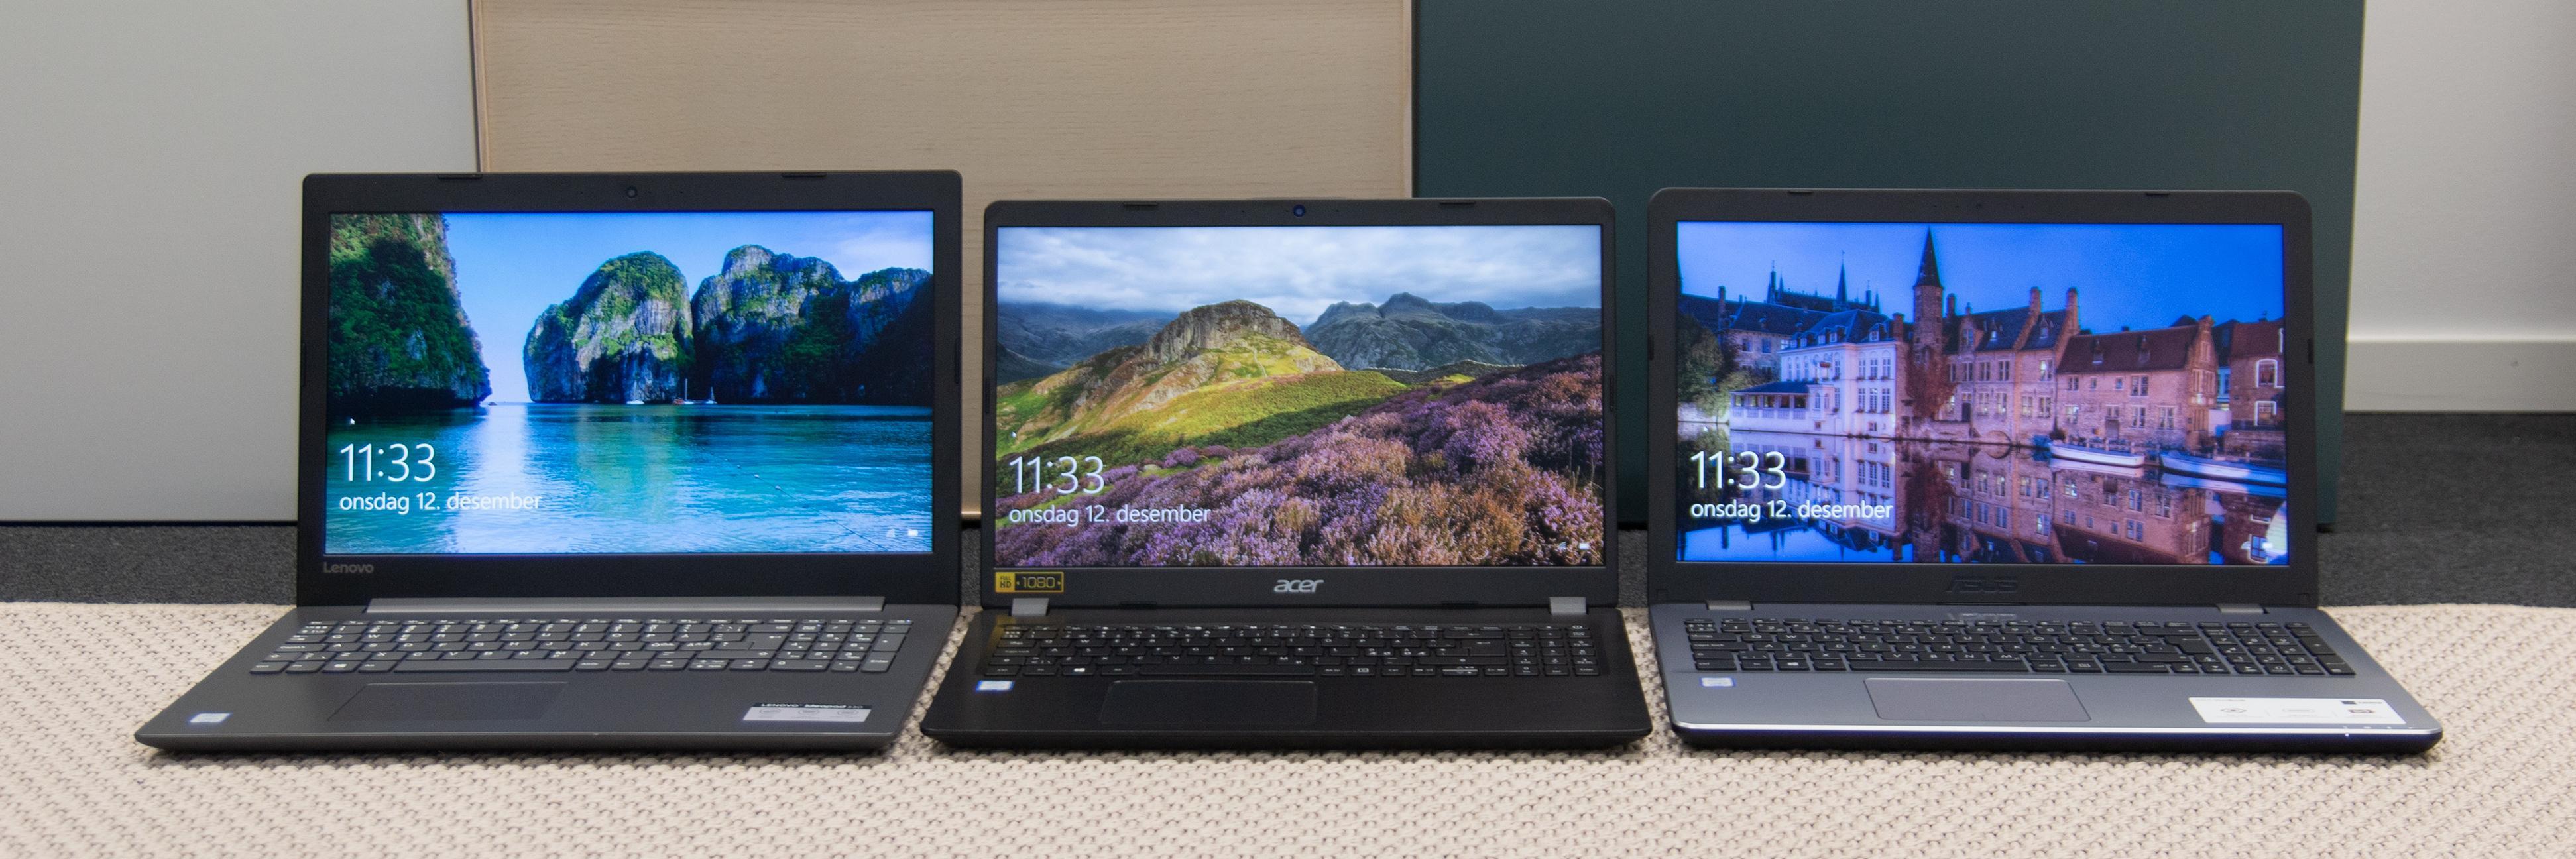 Fa venstre til høyre: Lenovo IdeaPad 330, Acer Aspire 5 og Asus VivoBook 15.